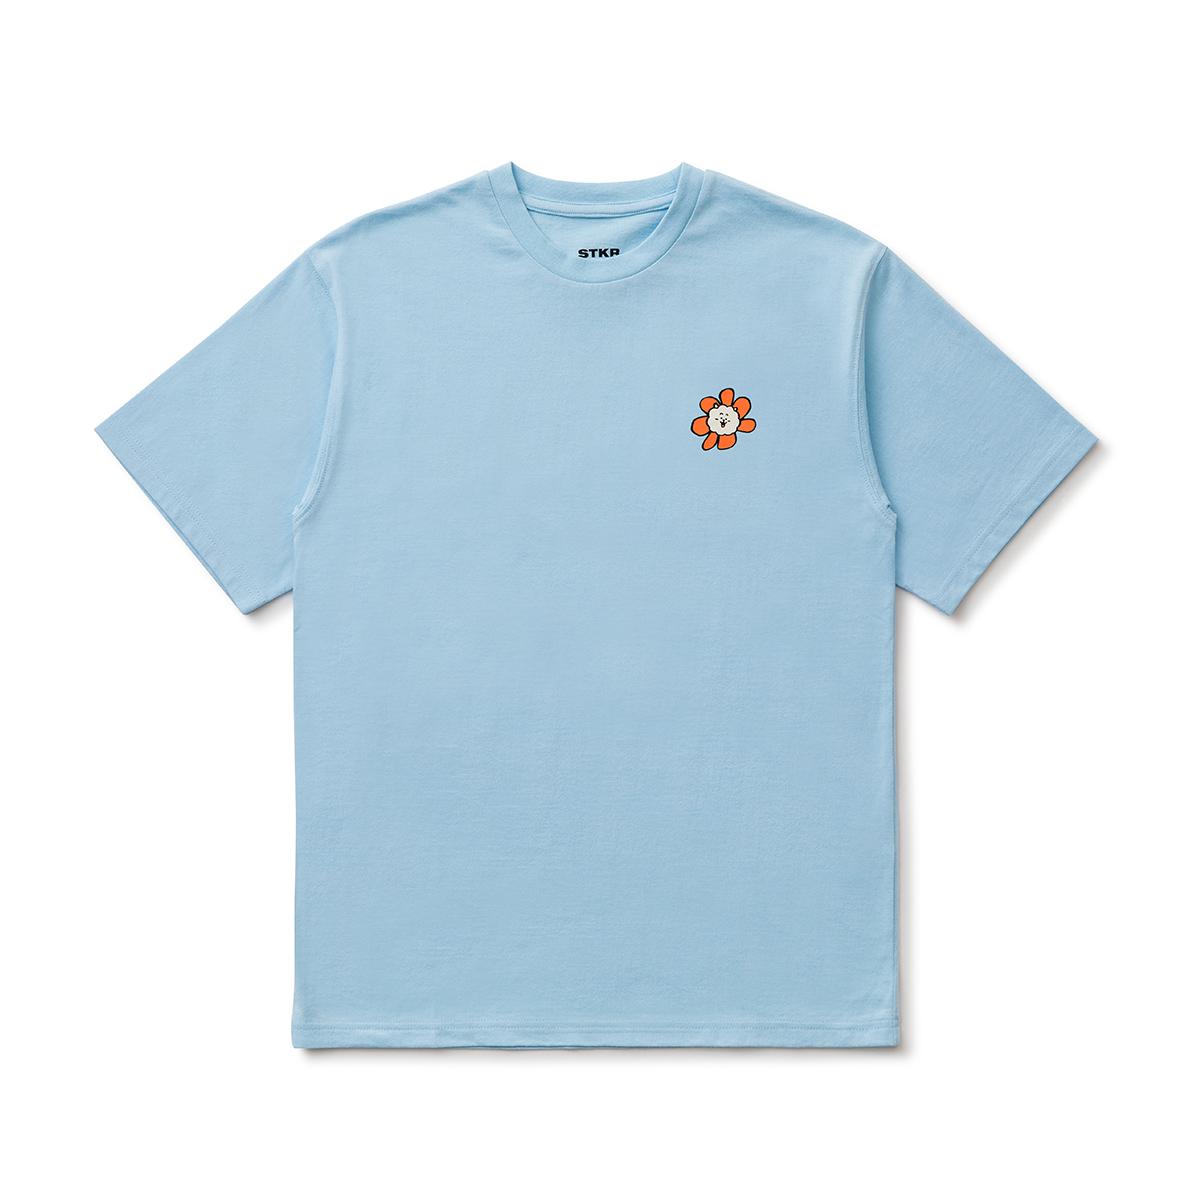 フラワー半袖Tシャツ RJ BT21